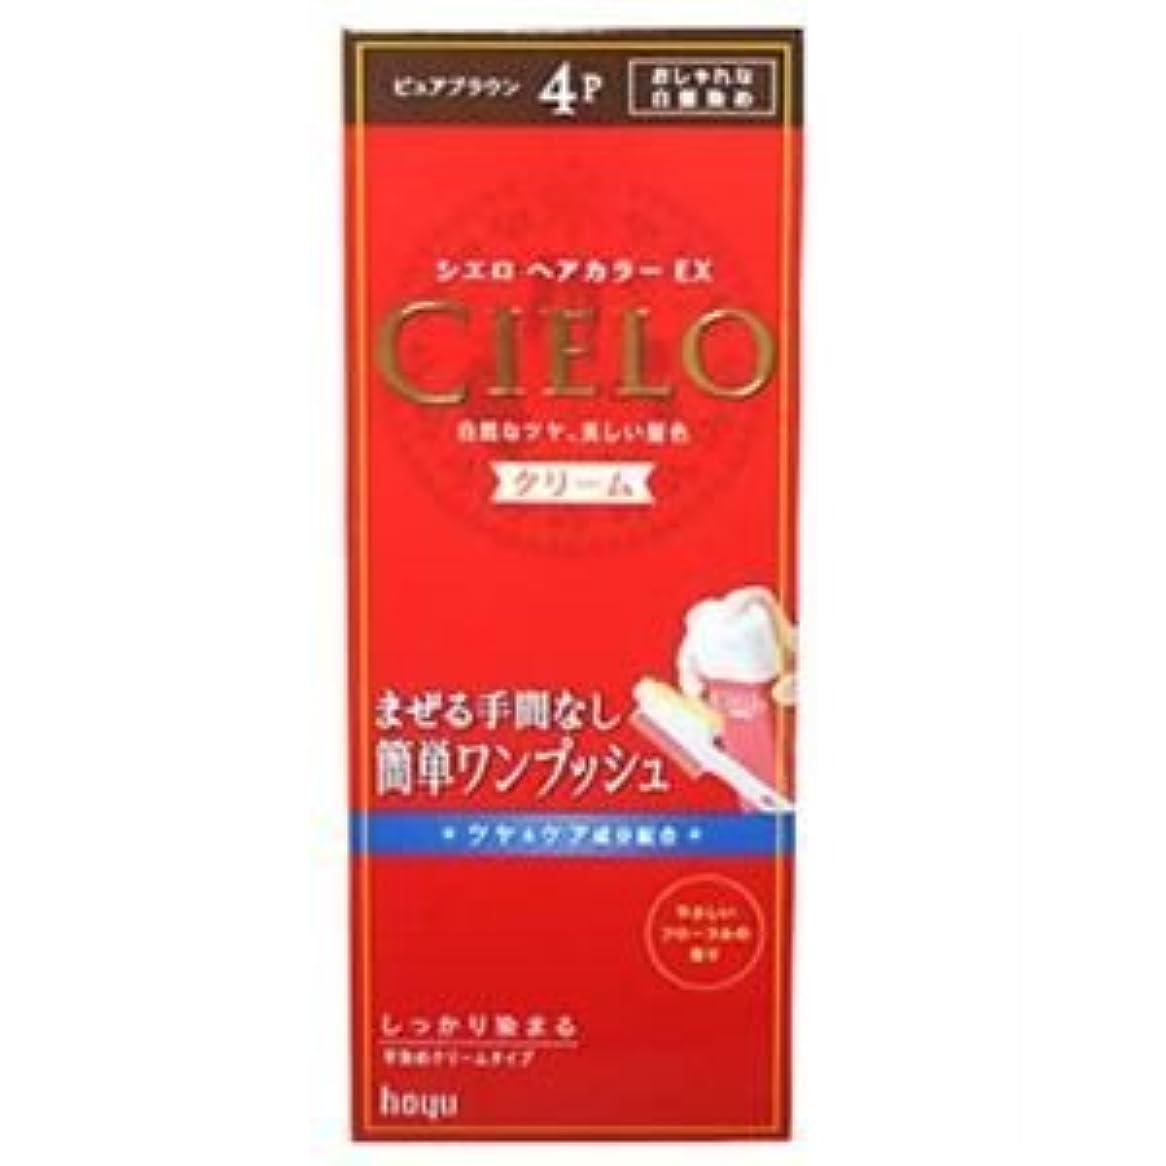 不透明な刈る診断するシエロ ヘアカラーEX クリーム4P (ピュアブラウン) 7セット